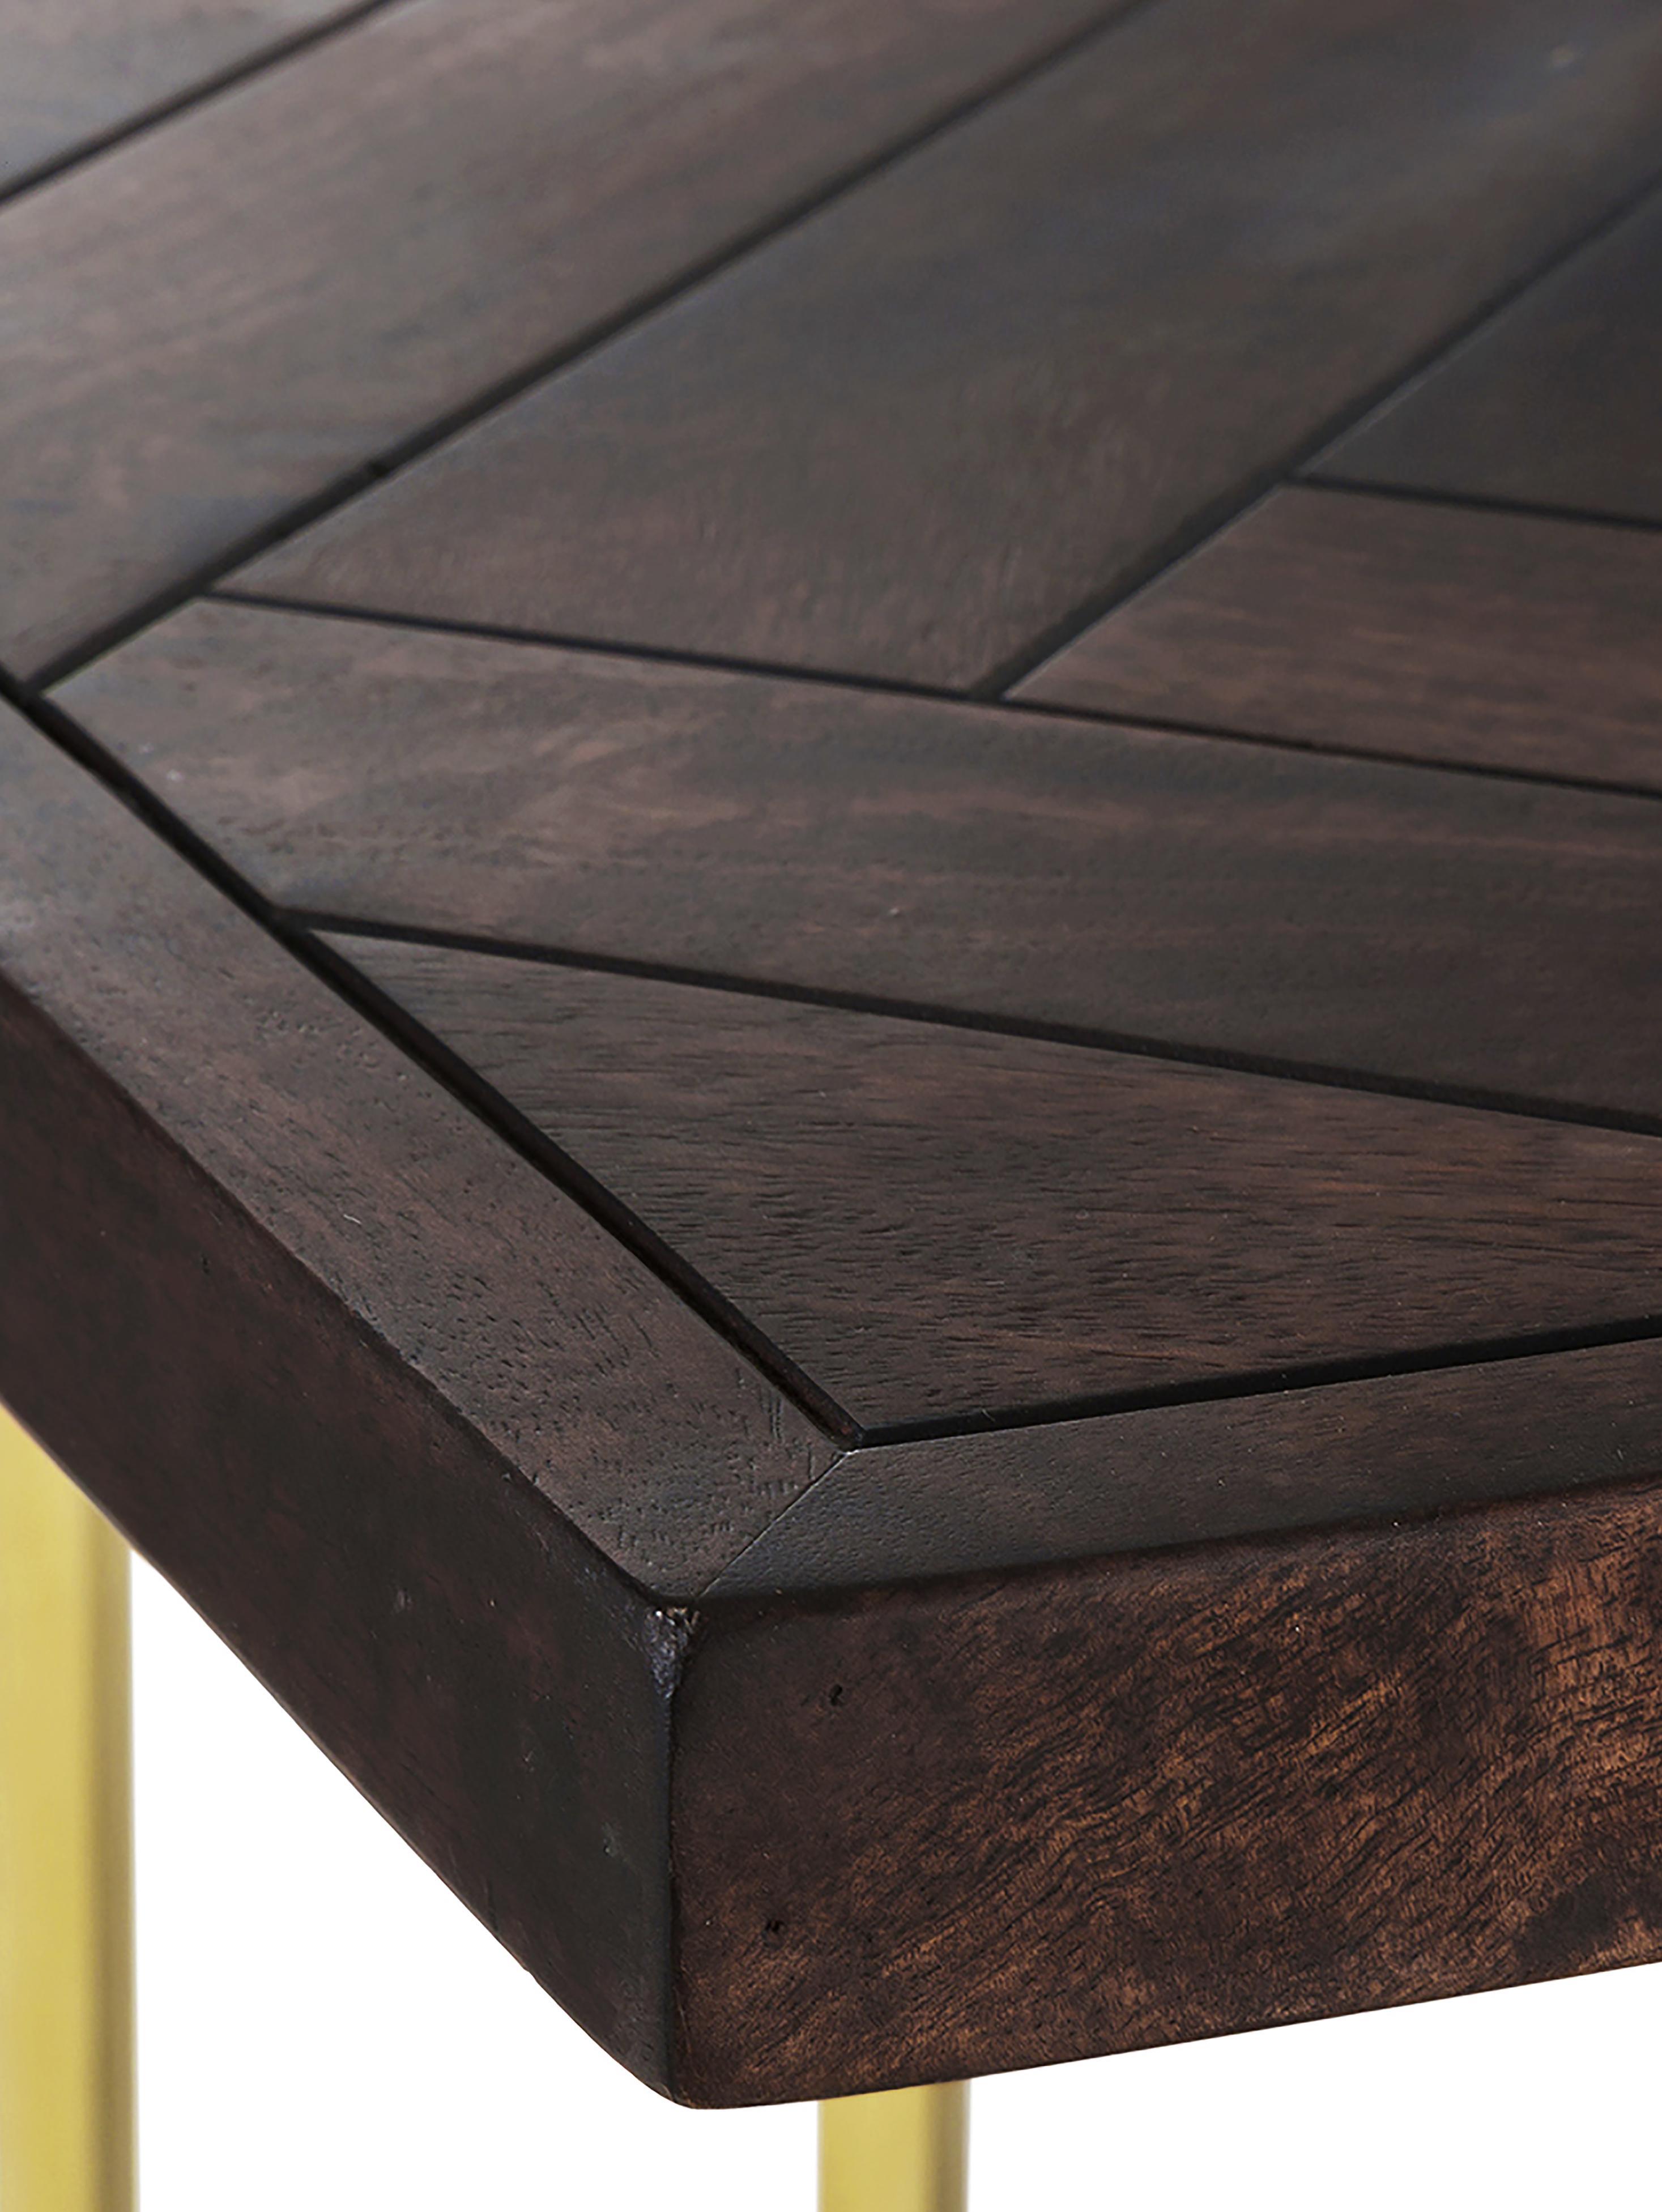 Massivholz Esstisch Luca mit Fischgrätmuster, Tischplatte: Massives Mangoholz, Gestell: Metall, beschichtet, Tischplatte: Mangoholz, dunkel lackiertGestell: Goldfarben, B 180 x T 90 cm